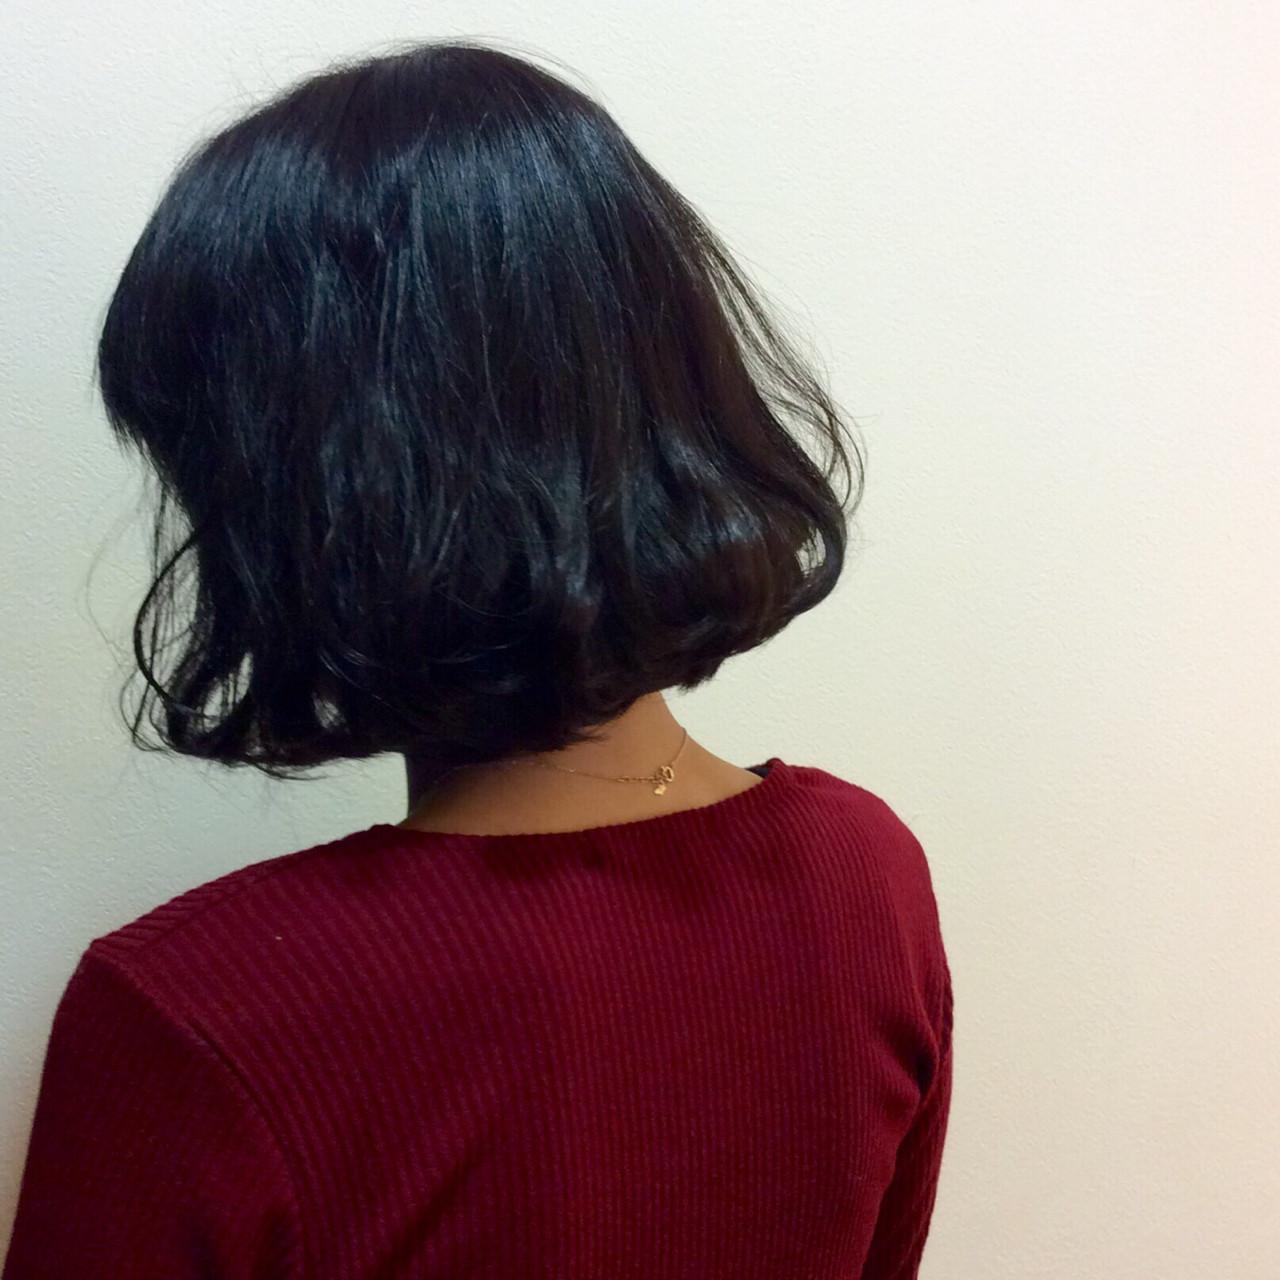 ストリート イルミナカラー 色気 アッシュブラック ヘアスタイルや髪型の写真・画像